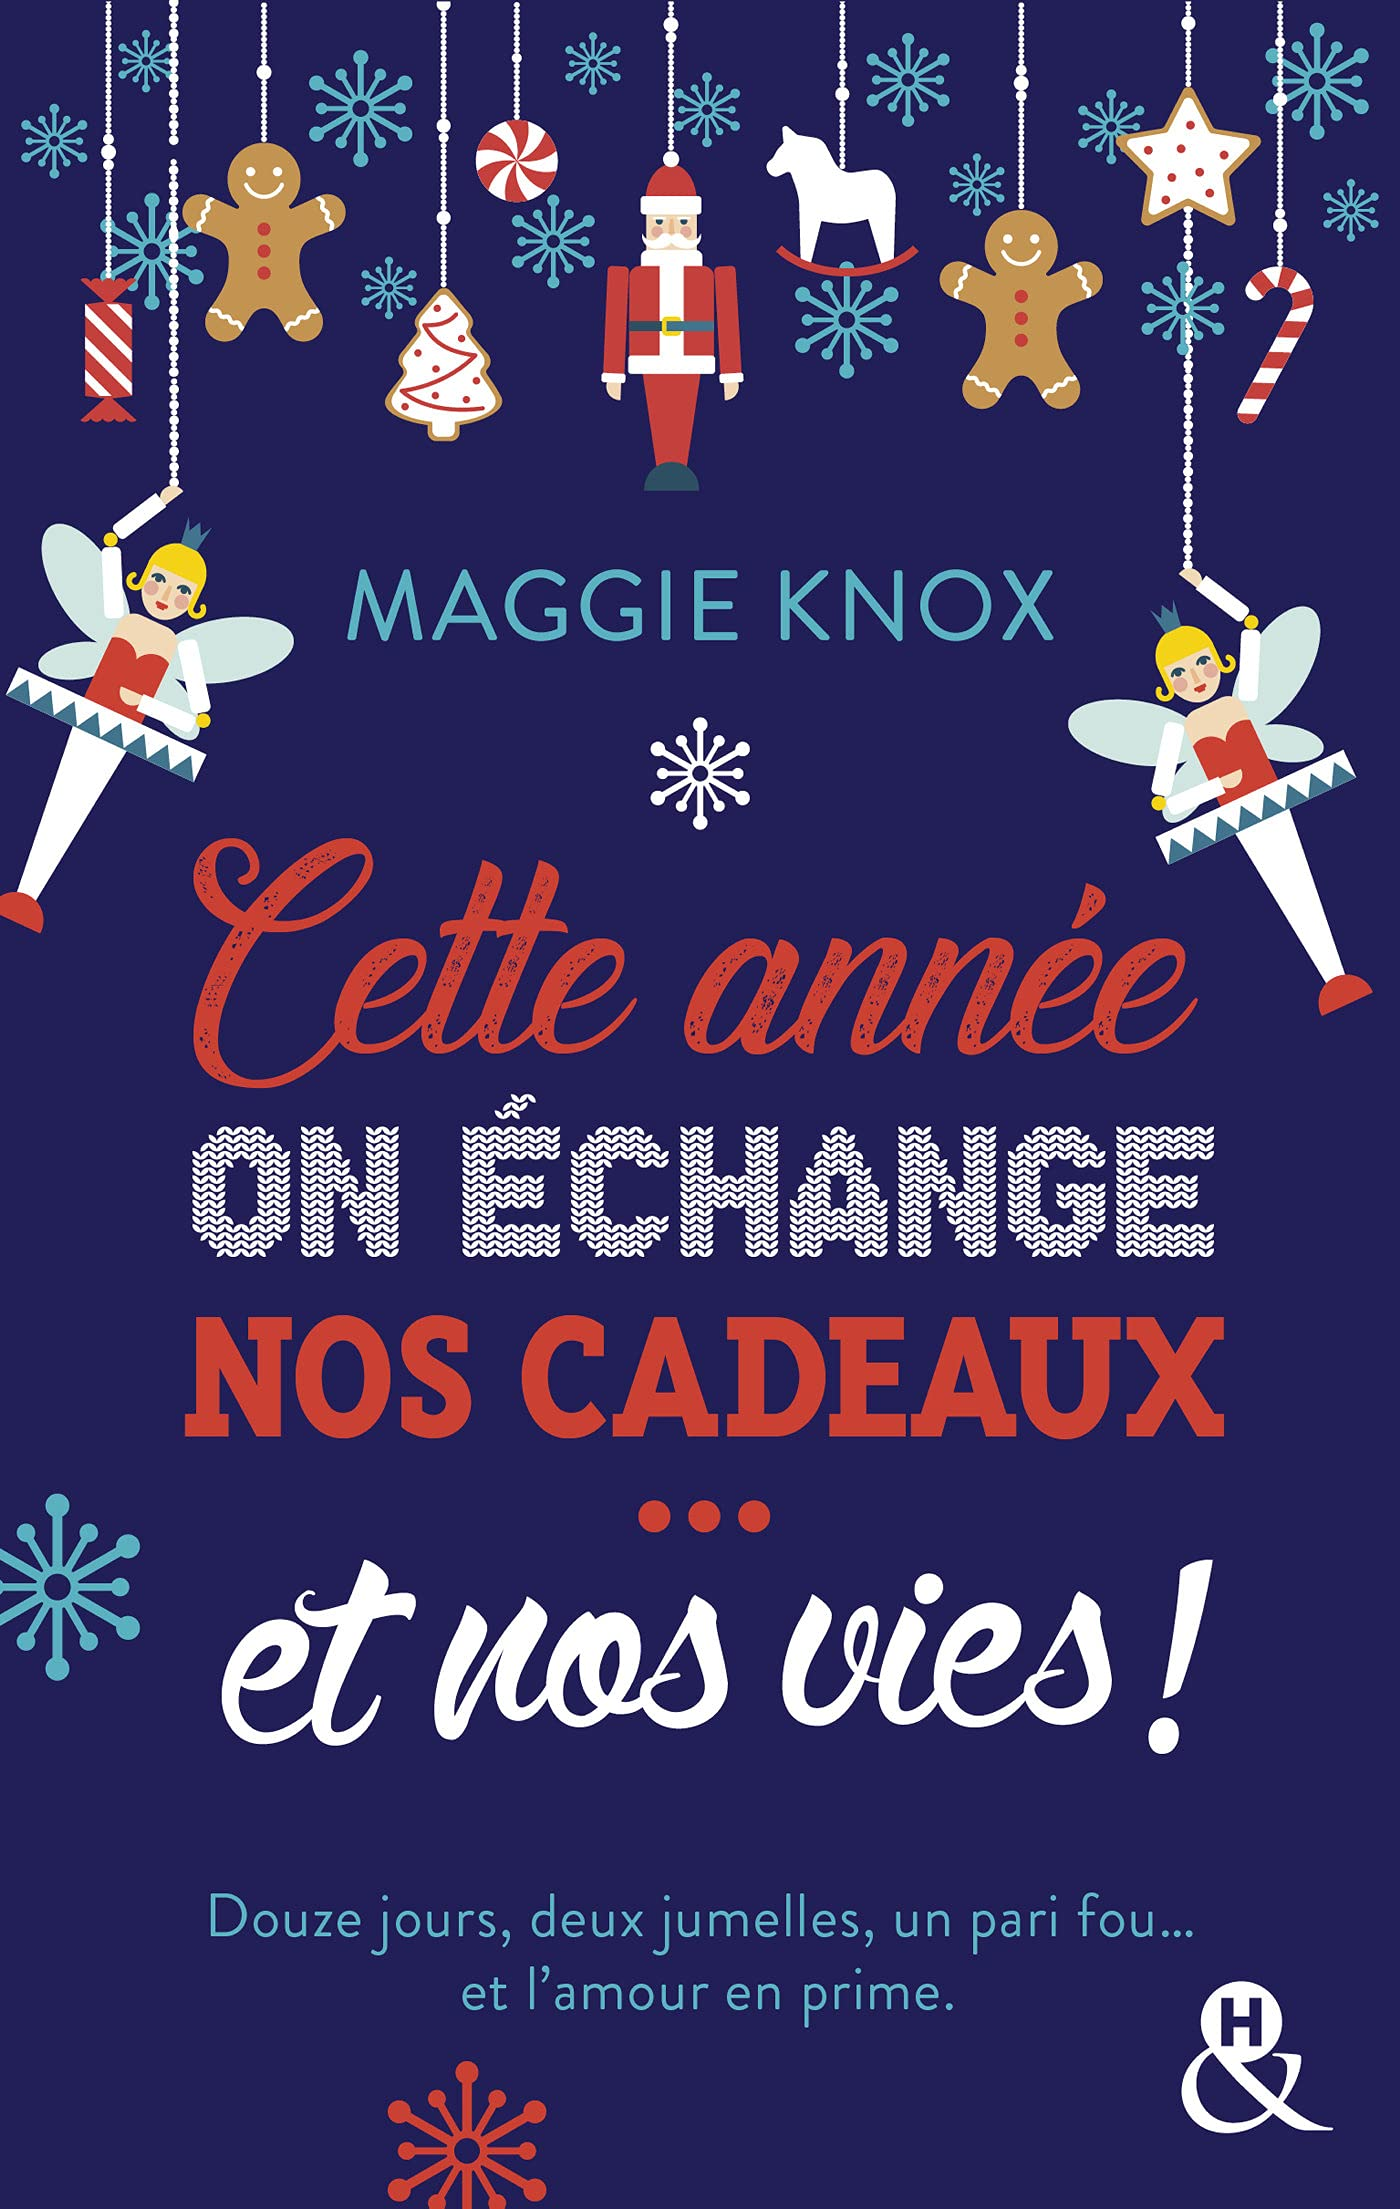 Cette année, on échange nos cadeaux ... et nos vies ! de Maggie Knox 817Se8Cl-fL